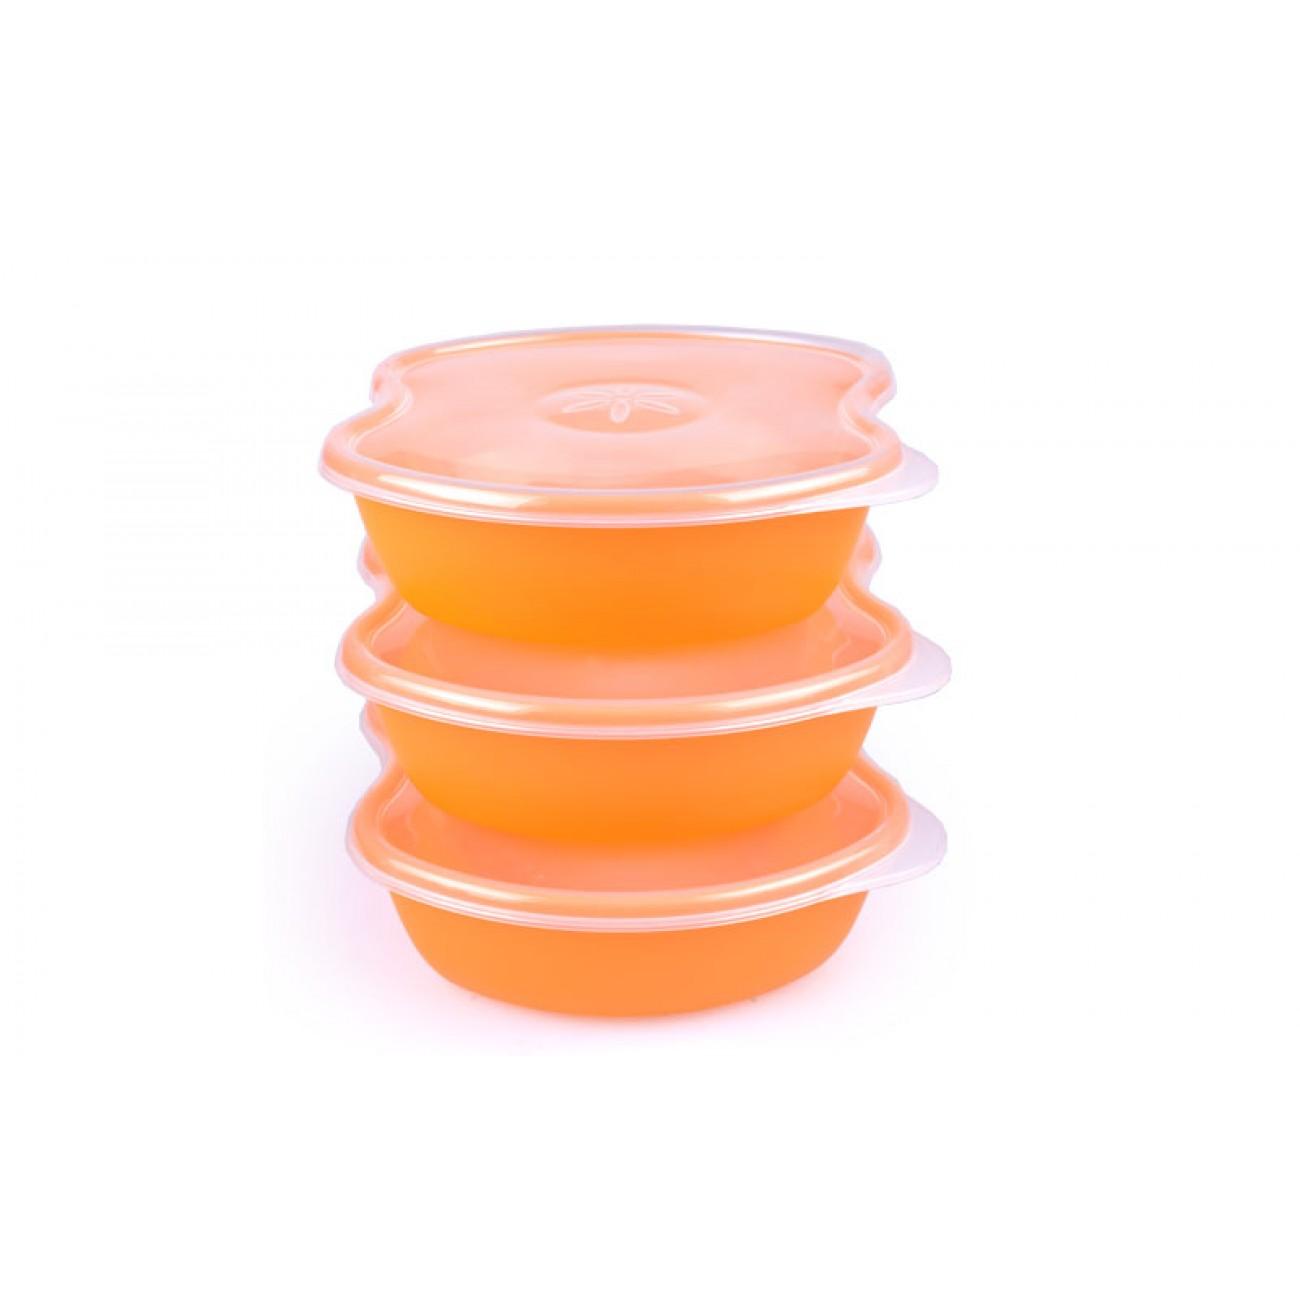 Σετ 3 τάπερ με εύκολο άνοιγμα - 18x15x5.5cm - Πορτοκαλί - ΟΕΜ 34064